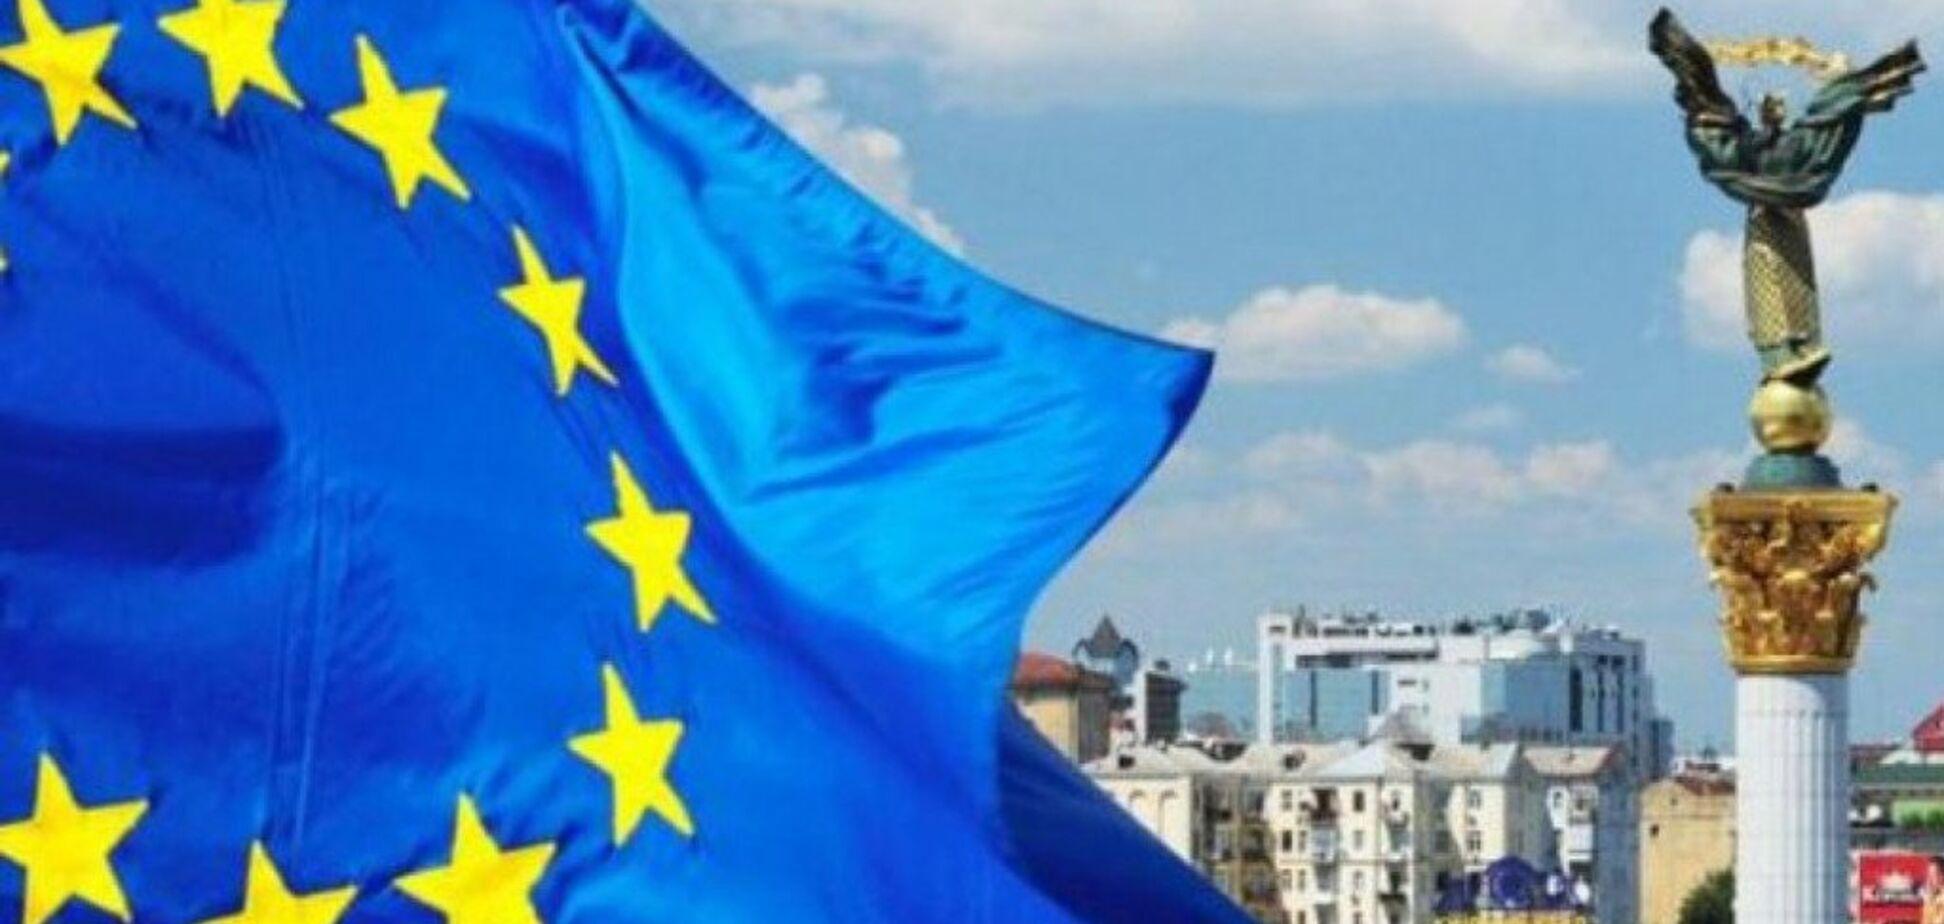 ЄС: Україна виконала угоду про асоціацію лише на 52% і це недостатній прогрес